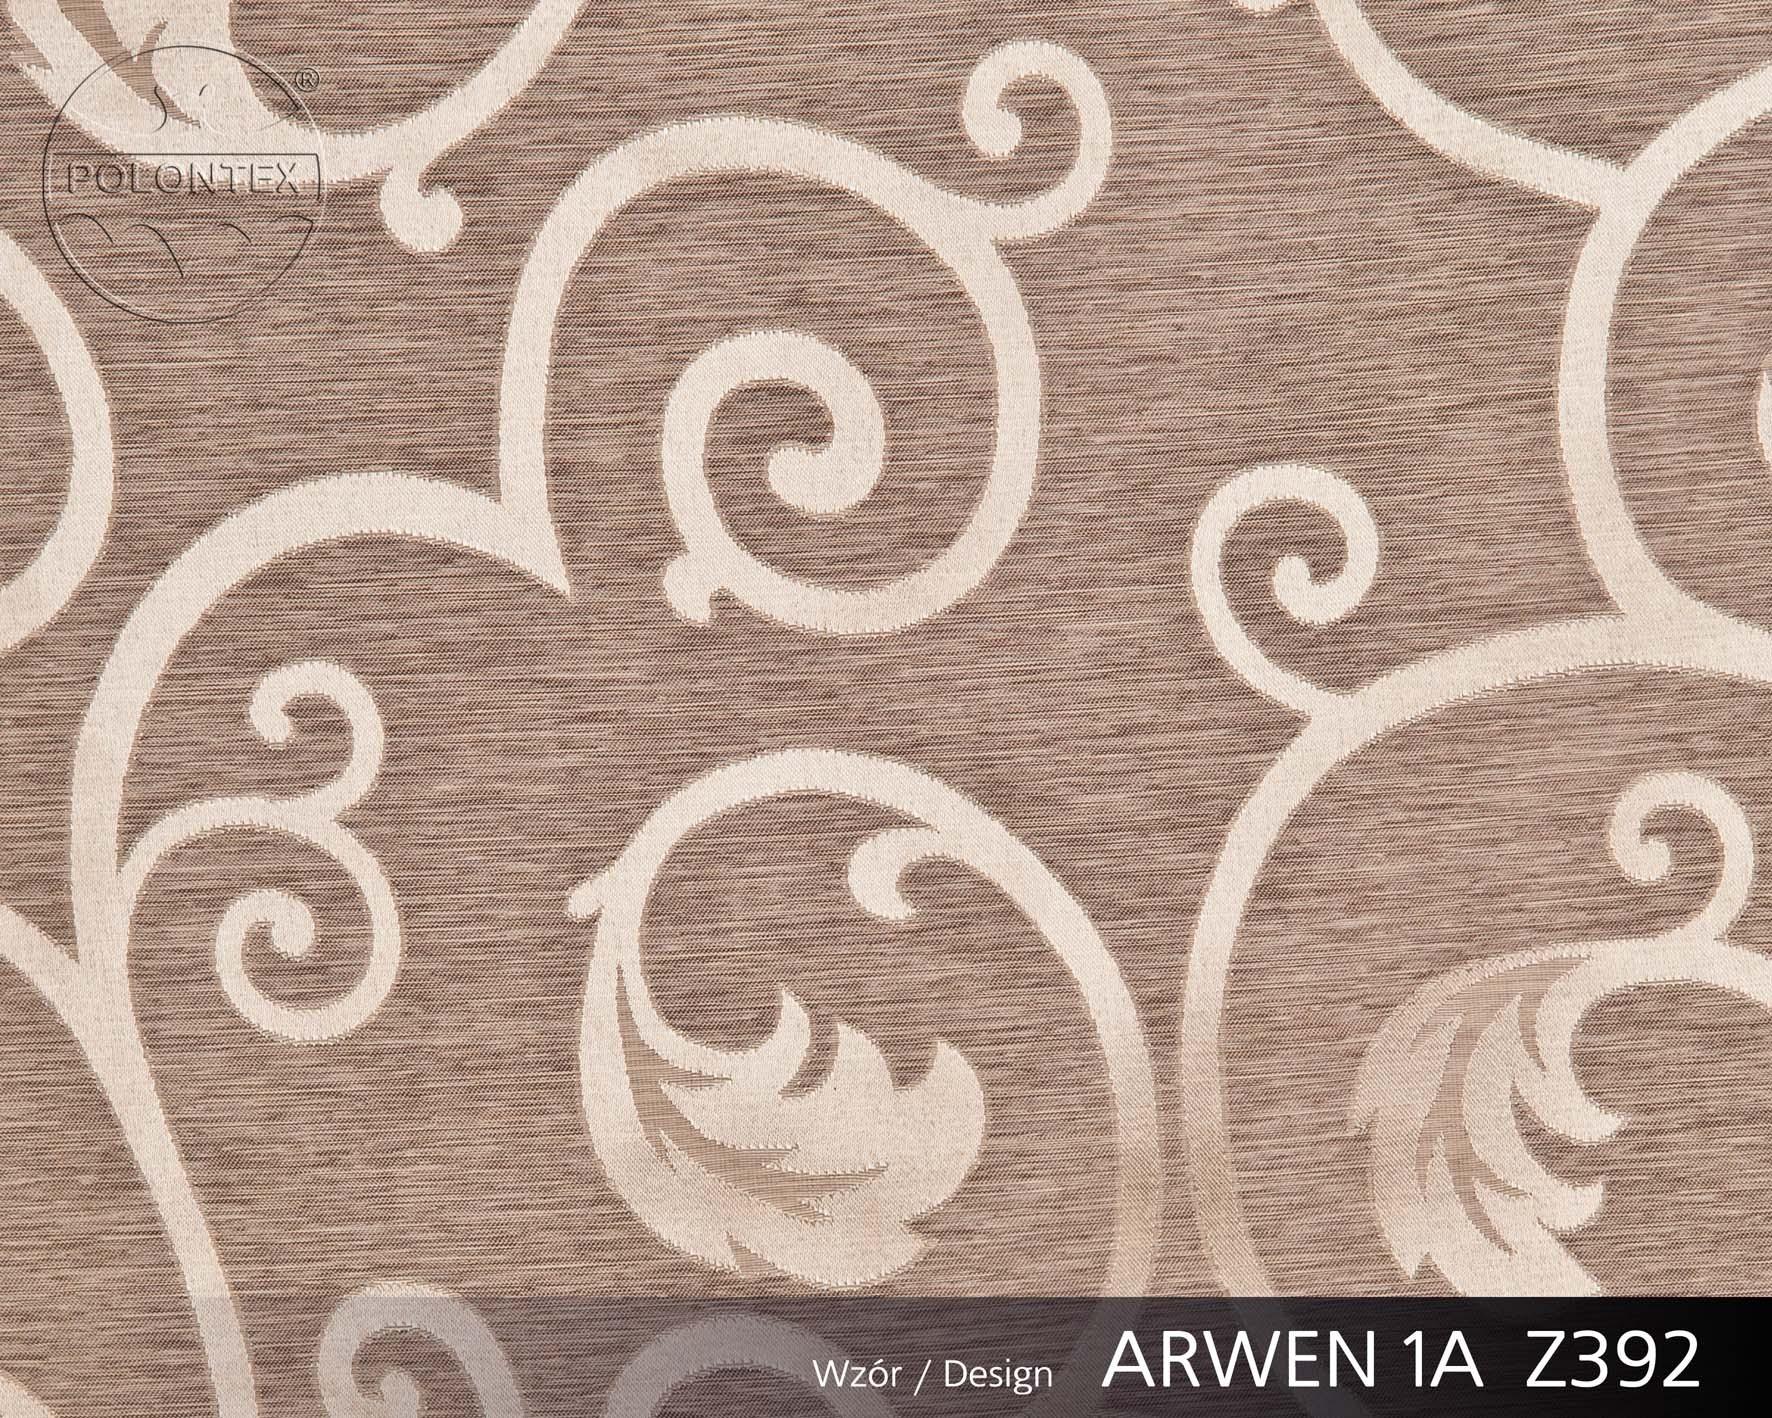 ARWEN 1A Z392